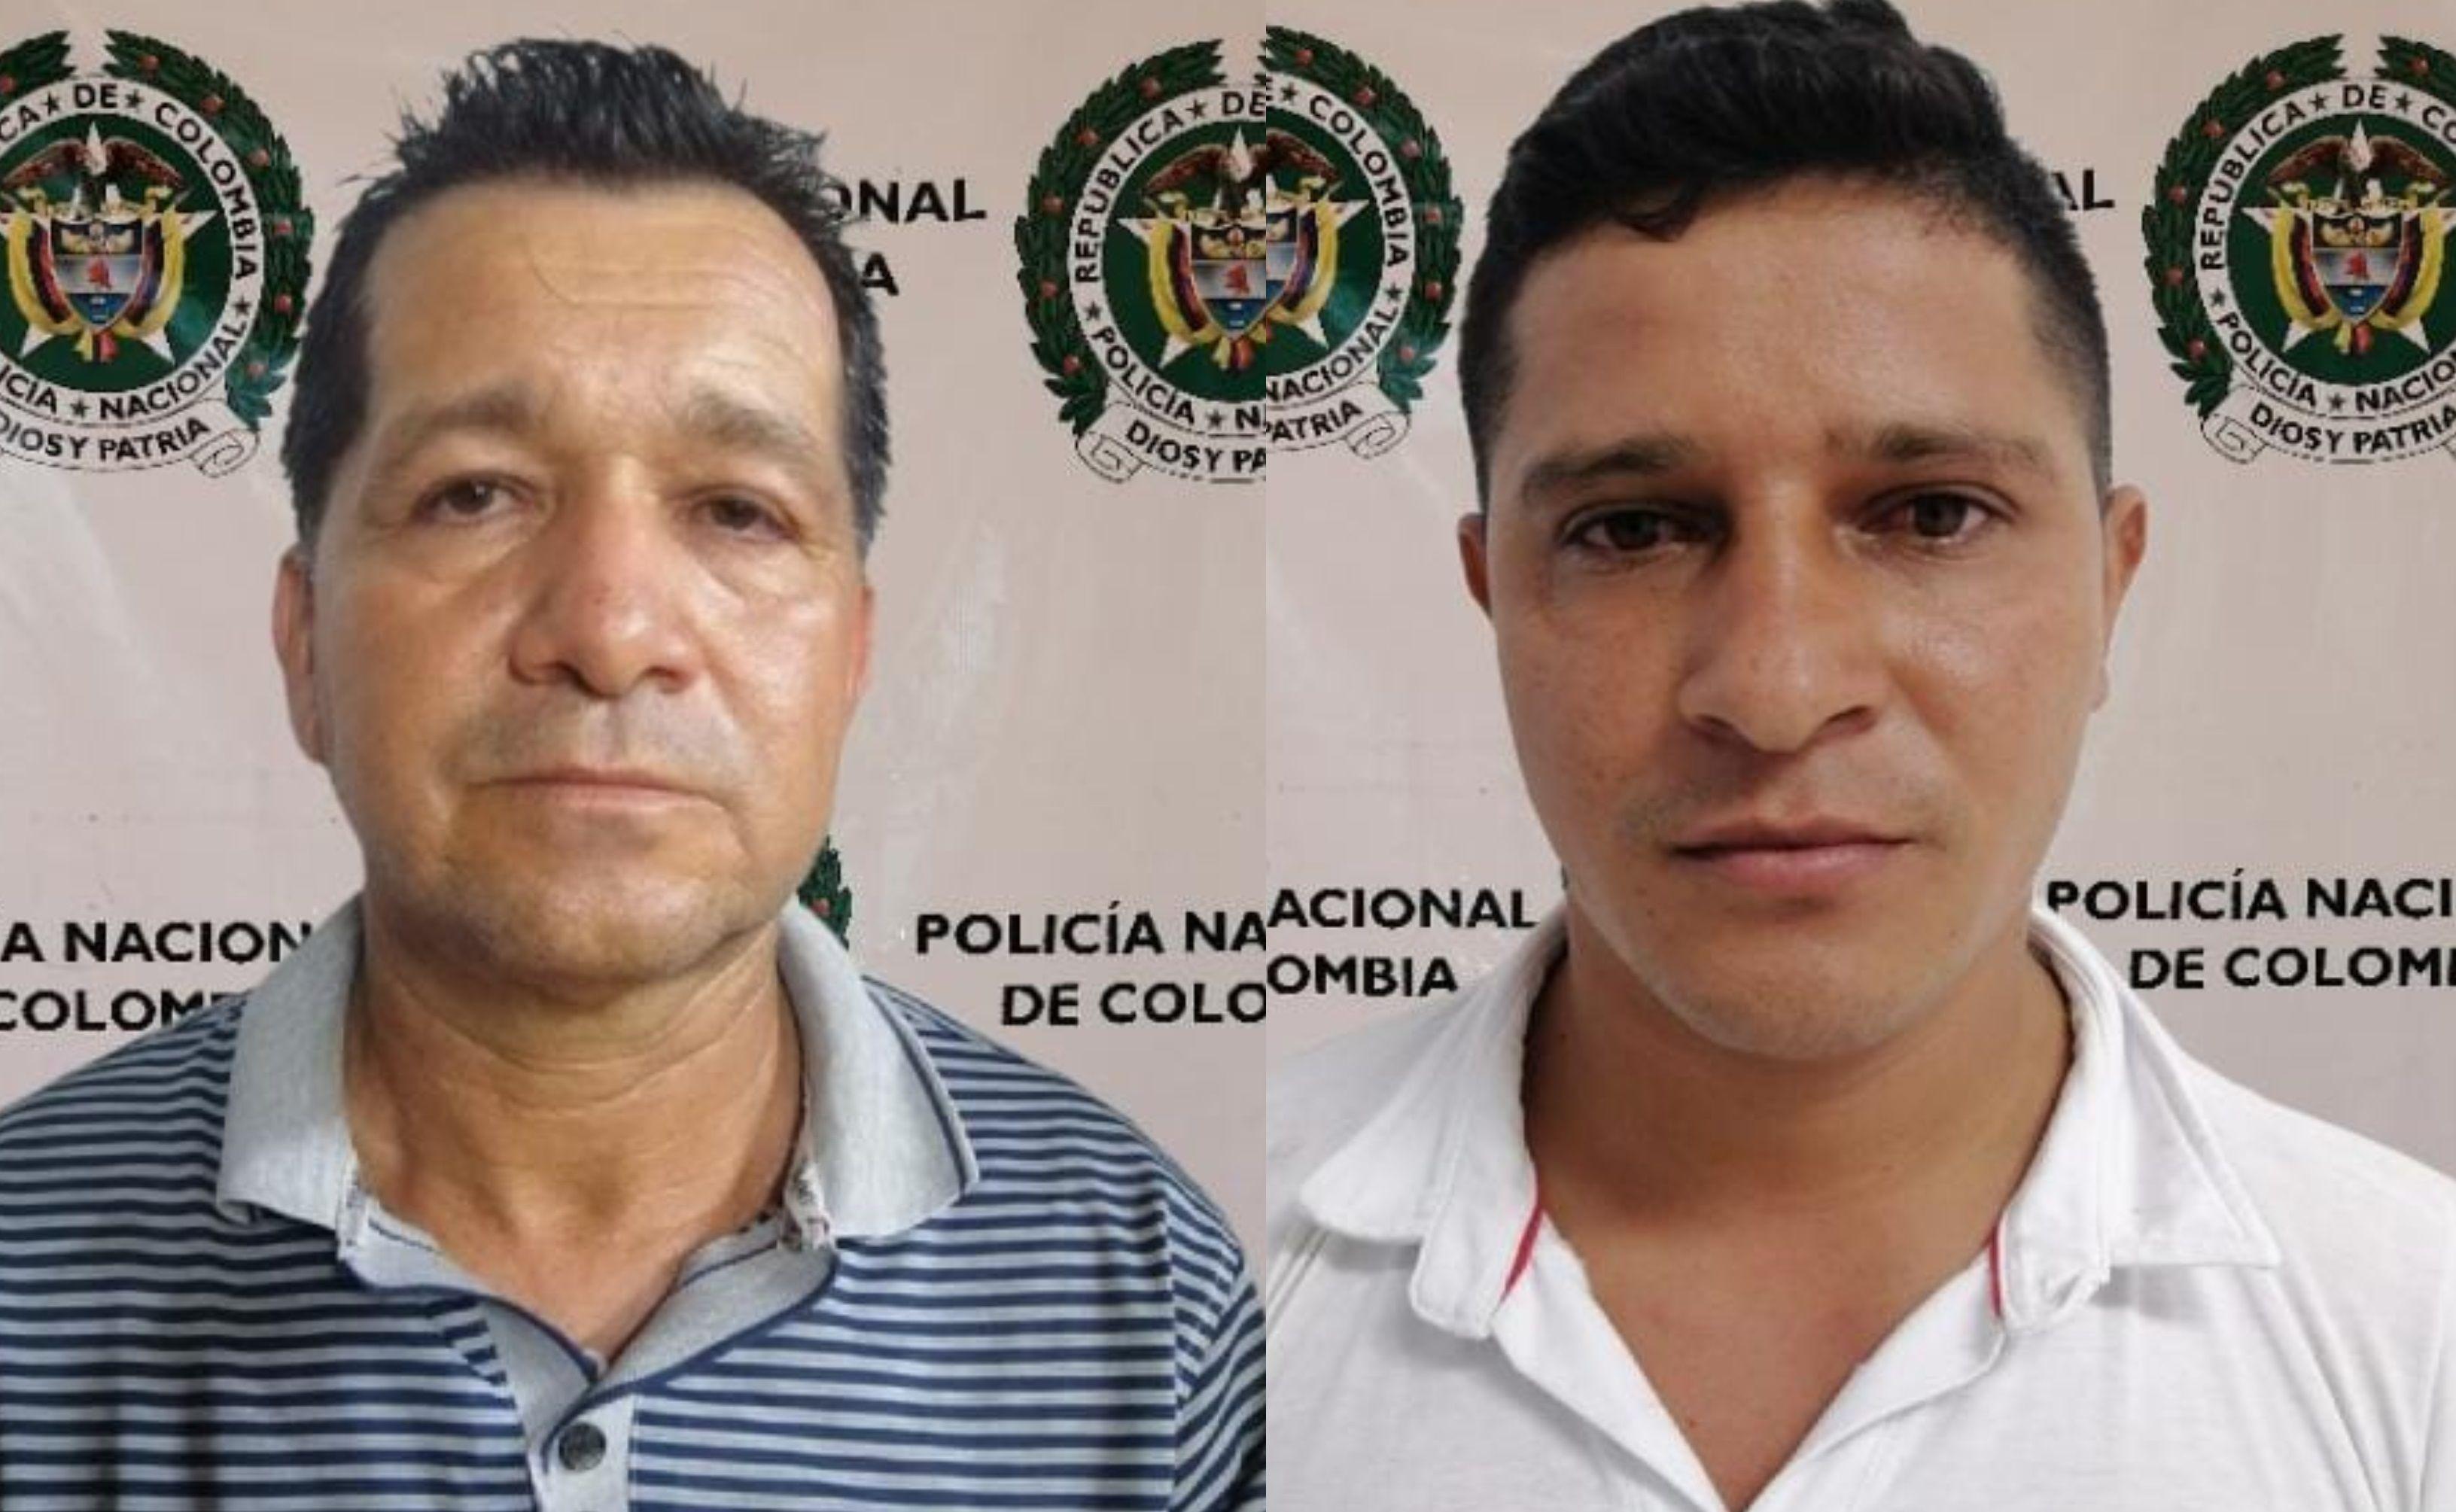 Capturados por el delito de acceso carnal abusivo con menor en Neiva